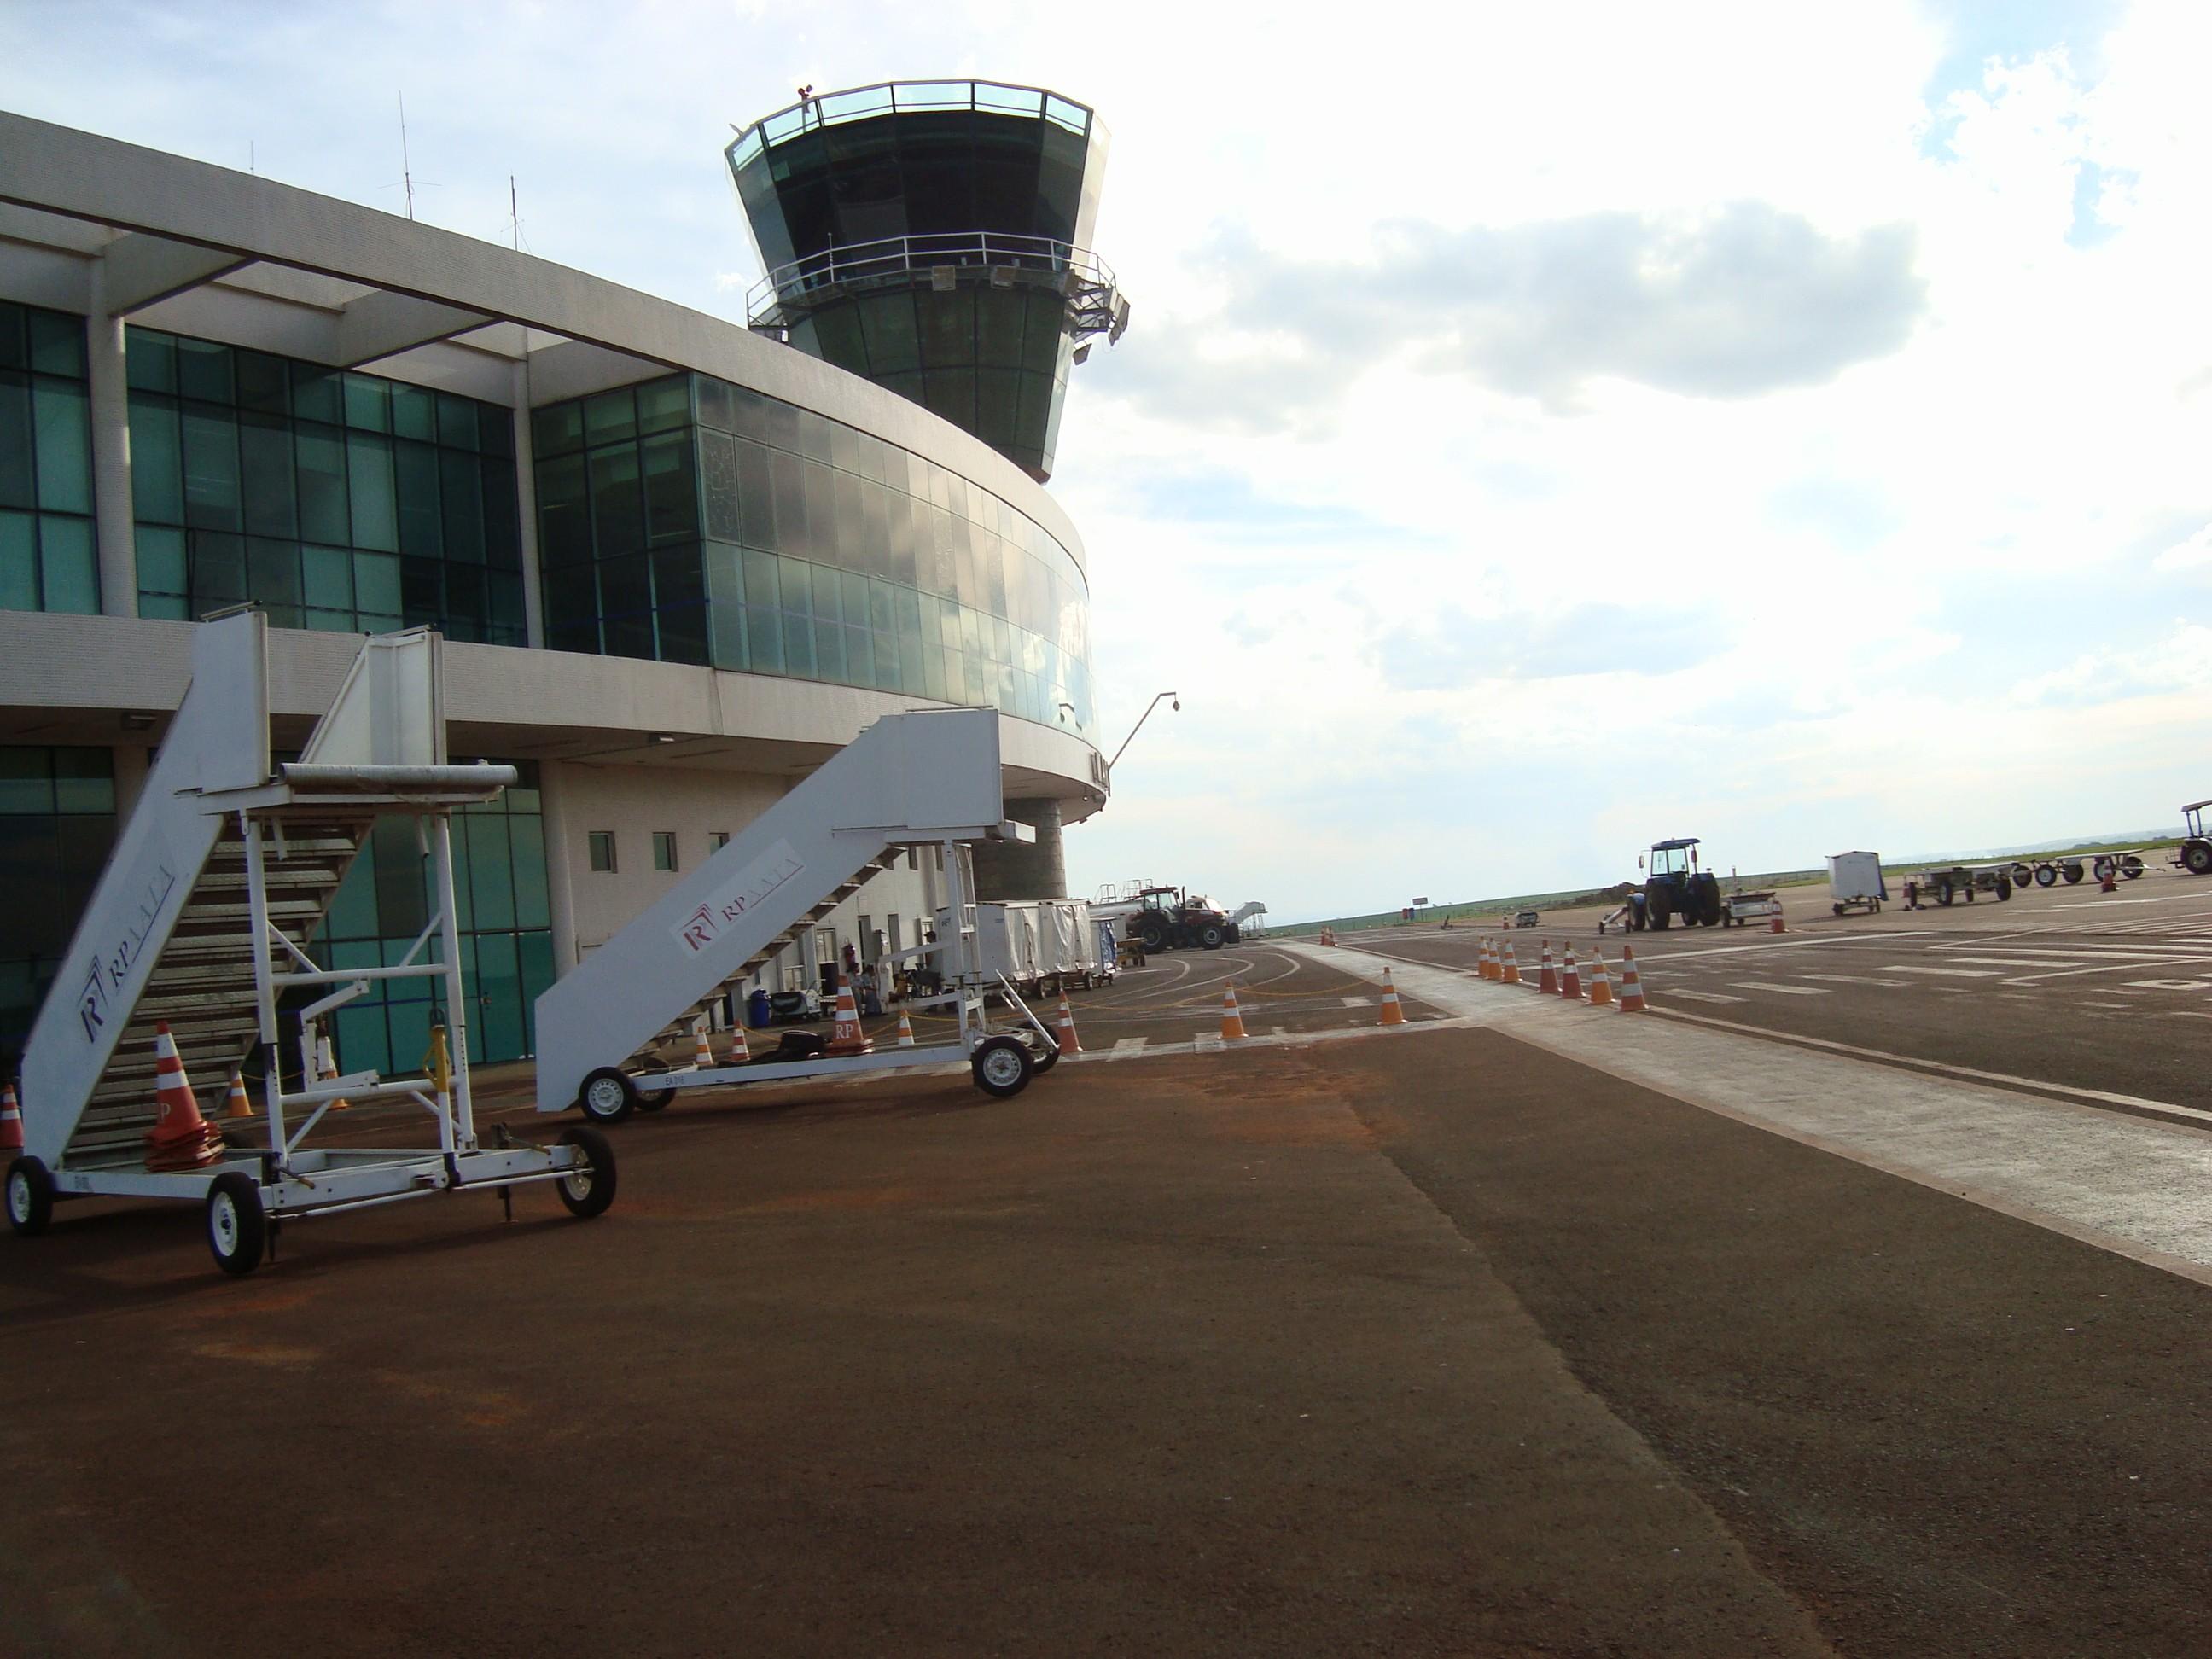 União garante reforma e ampliação do aeroporto de Maringá